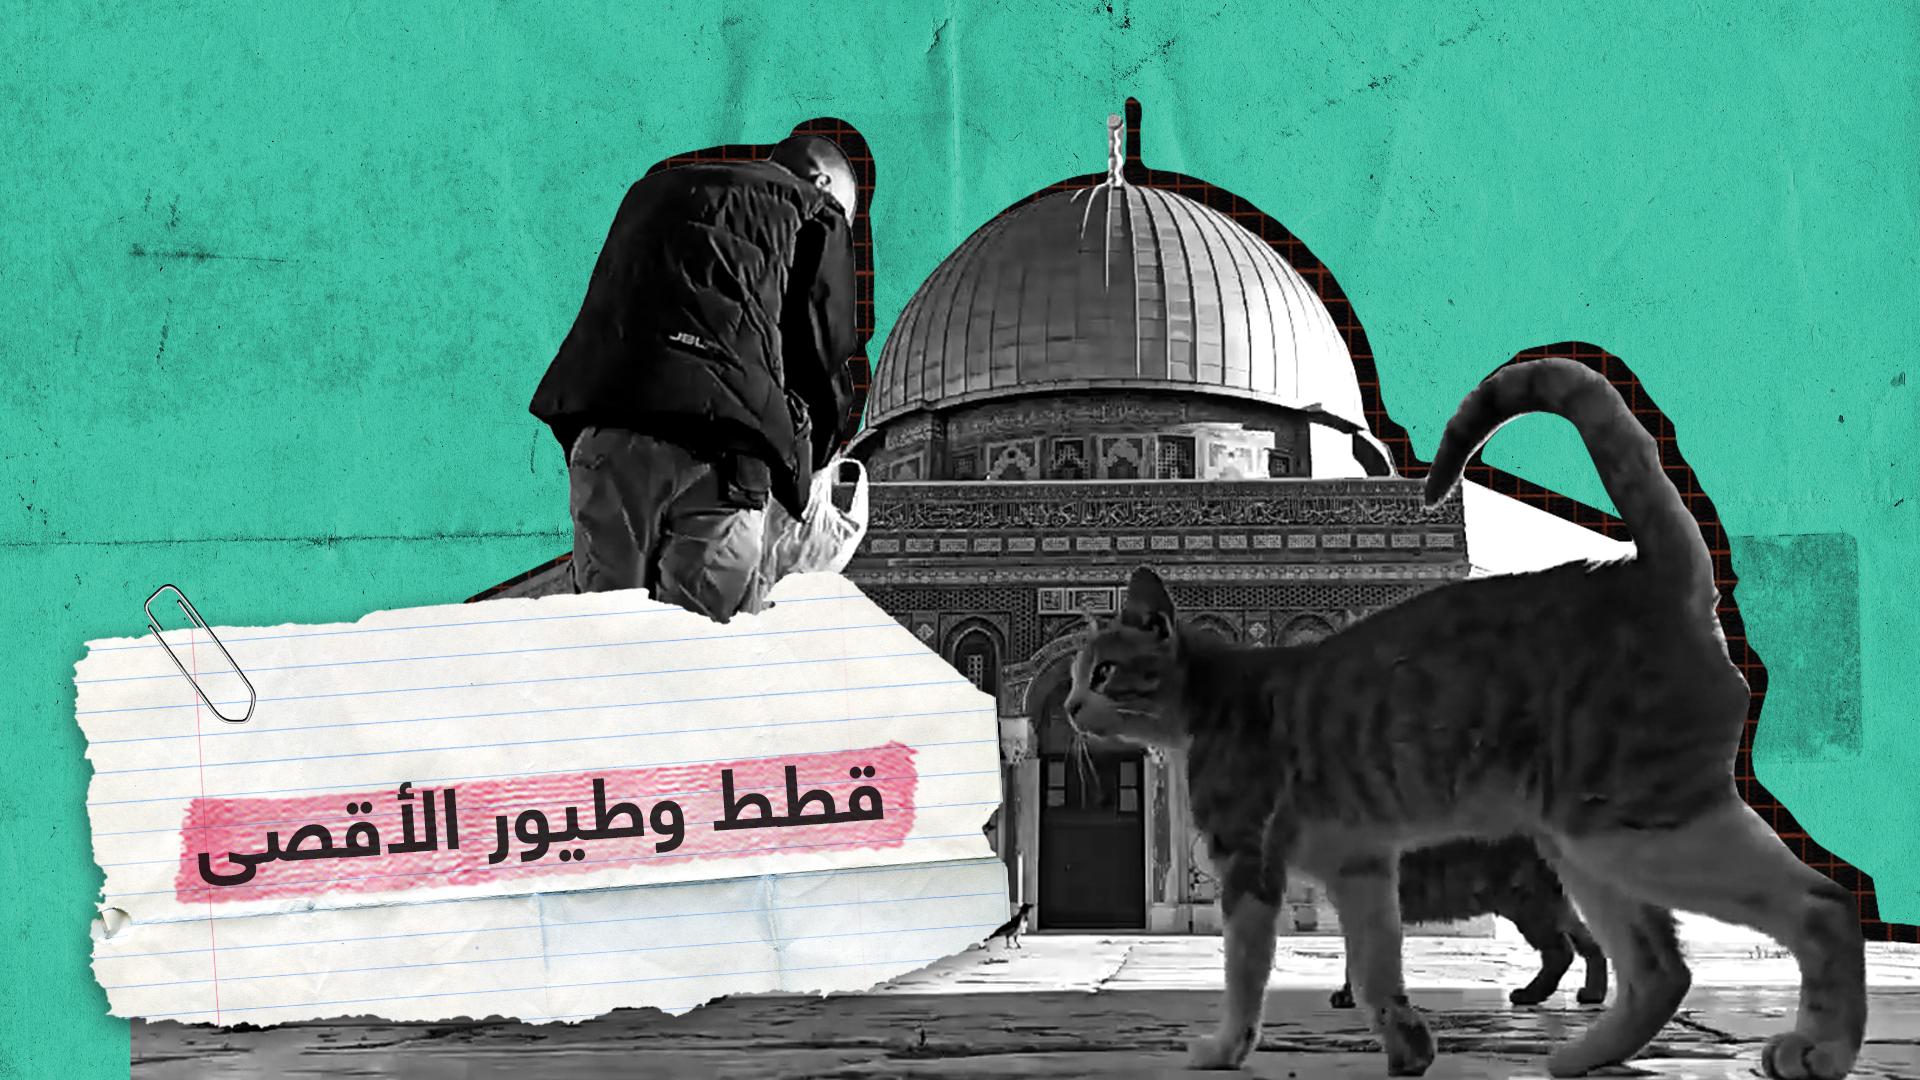 أحد حراس المسجد الأقصى يطعم القطط والطيور أمام قبة الصخرة